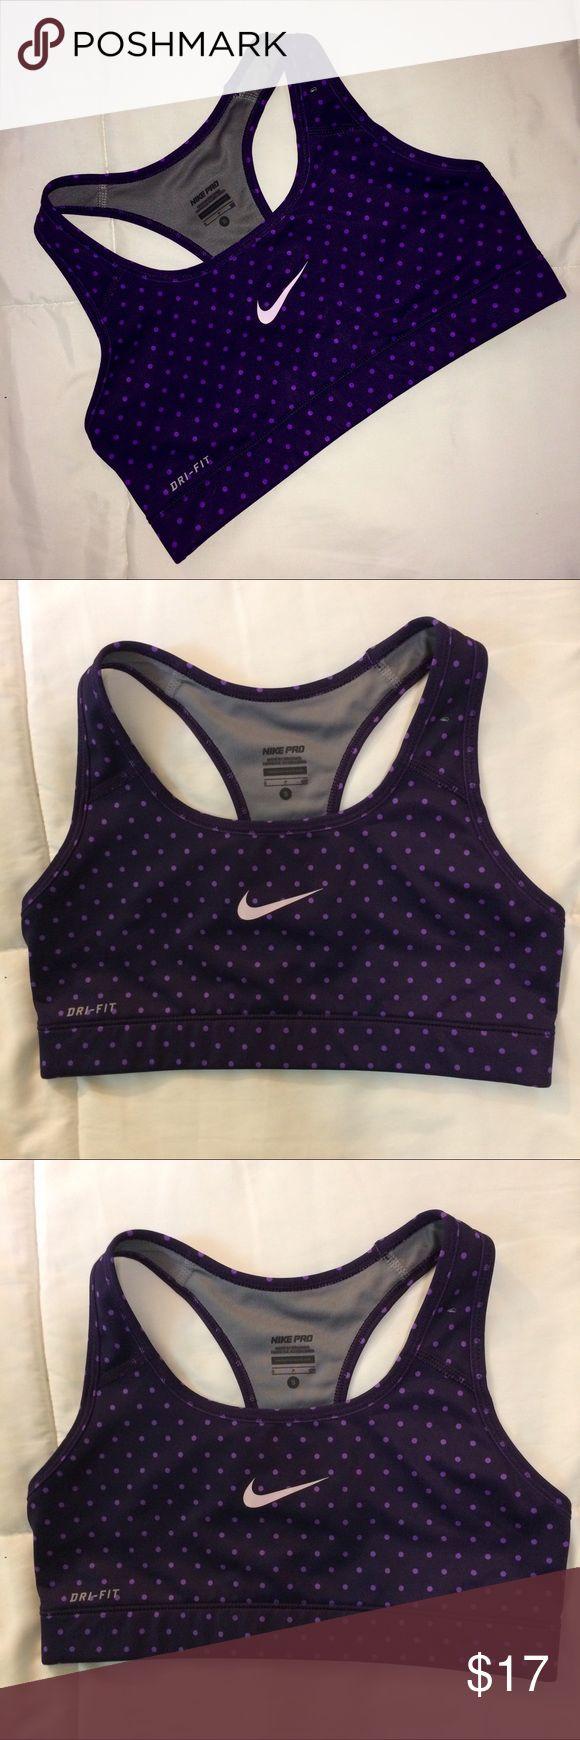 Nike pro purple polka dot dri fit sports bra sz S Very cute Nike sports bra! Purple polka dot pattern. Size Small. Dri-fit! Nike Intimates & Sleepwear Bras